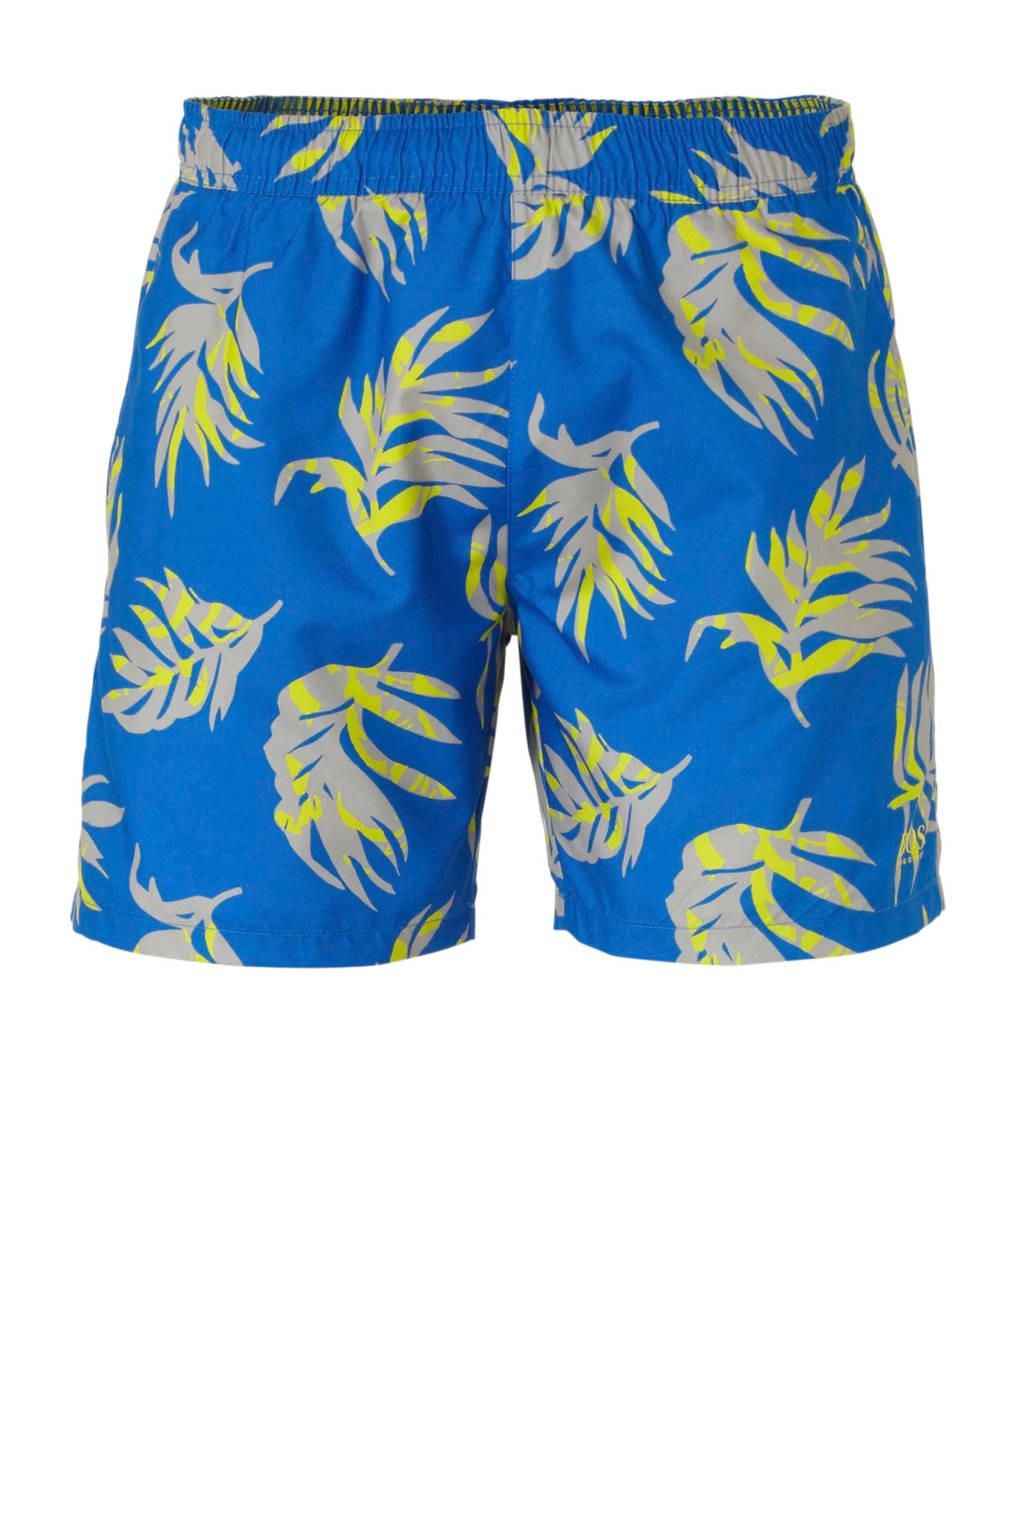 Boss zwemshort met all over print blauw, Blauw/grijs/geel